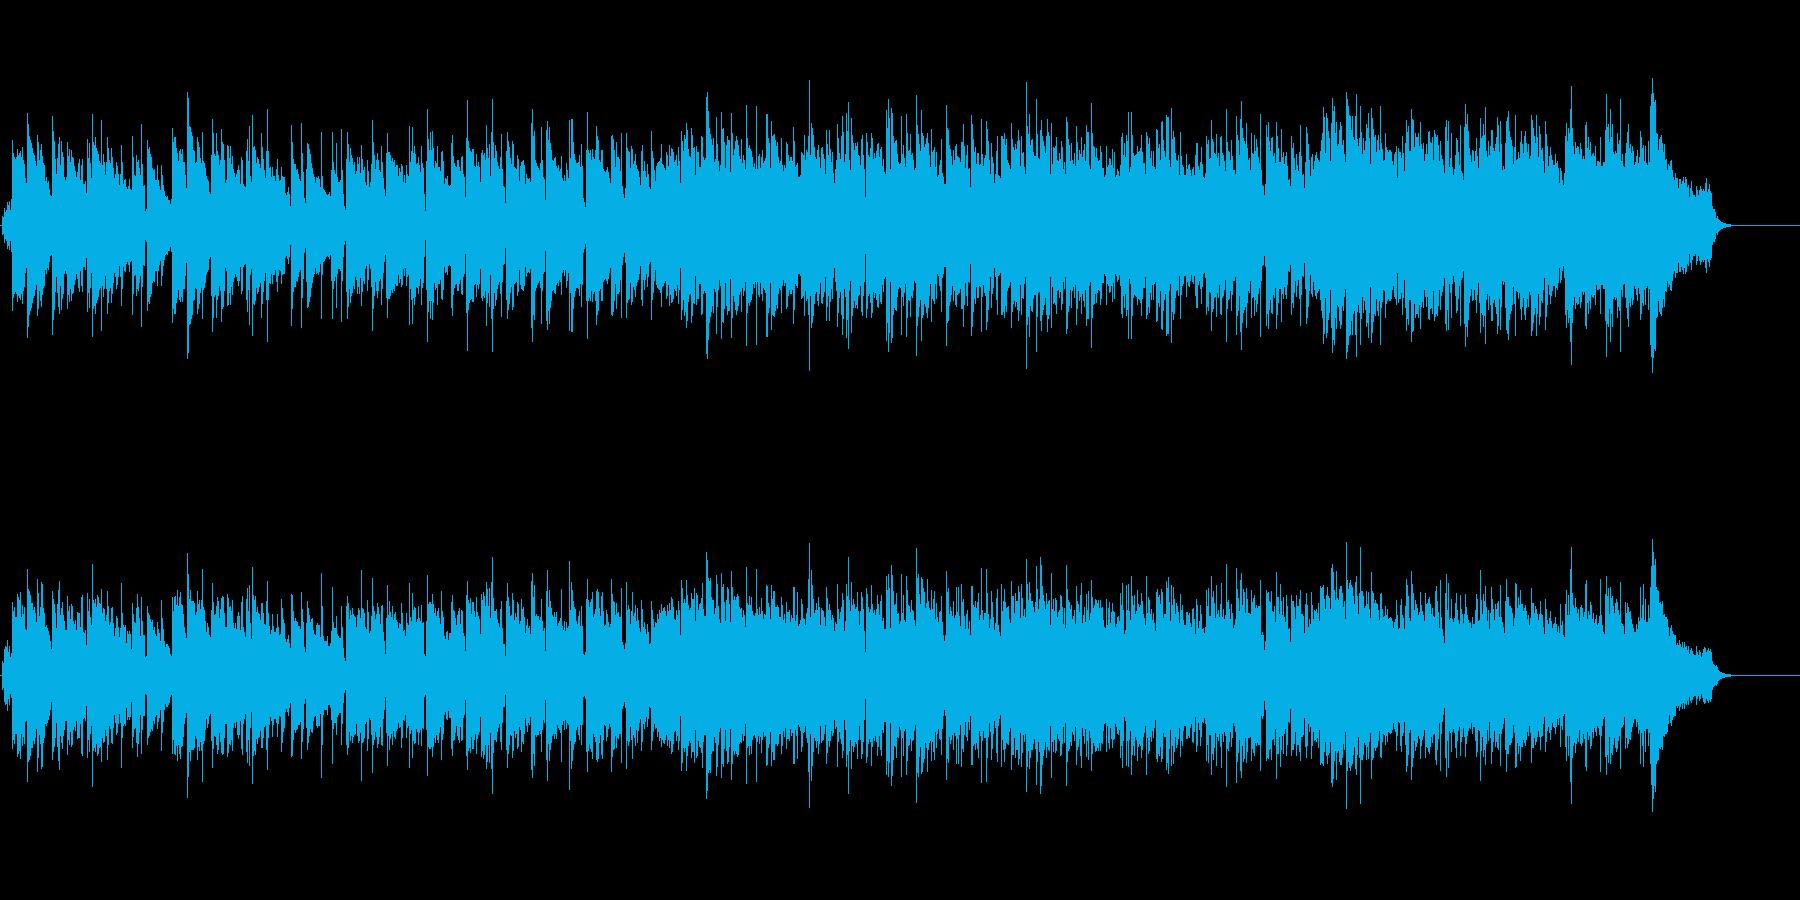 ニューミュージック風ナンバーの再生済みの波形